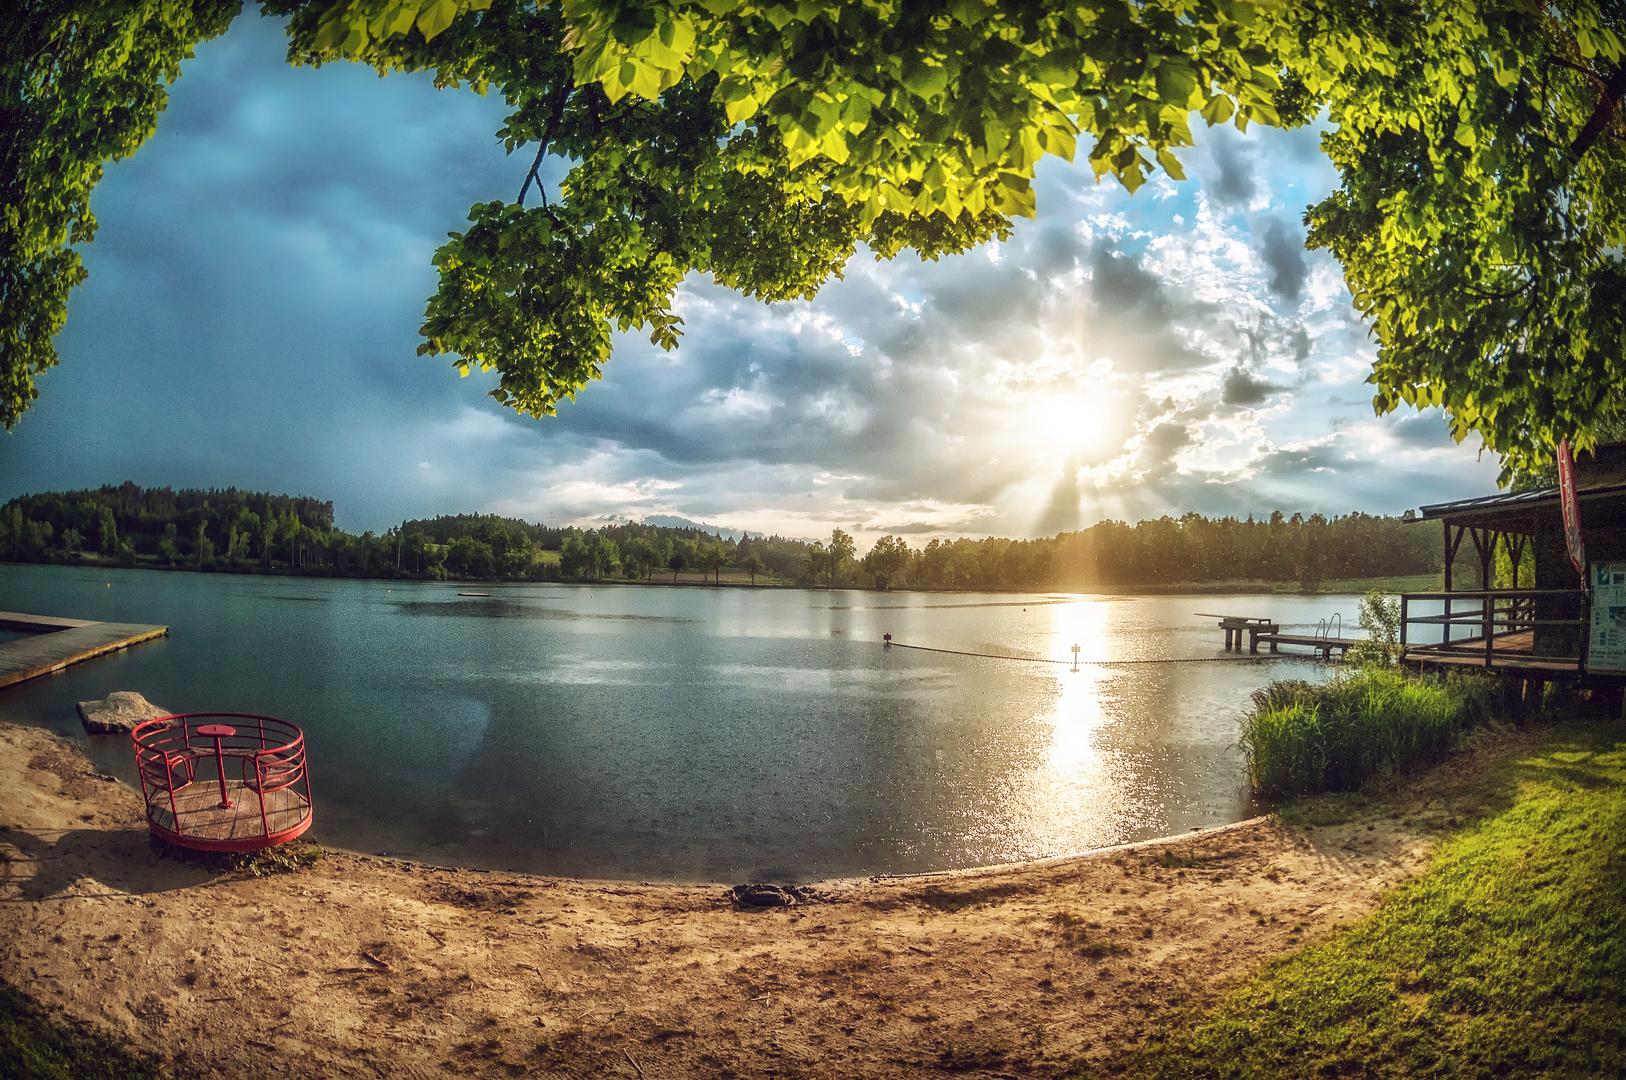 Sonne & Regen Geras 2